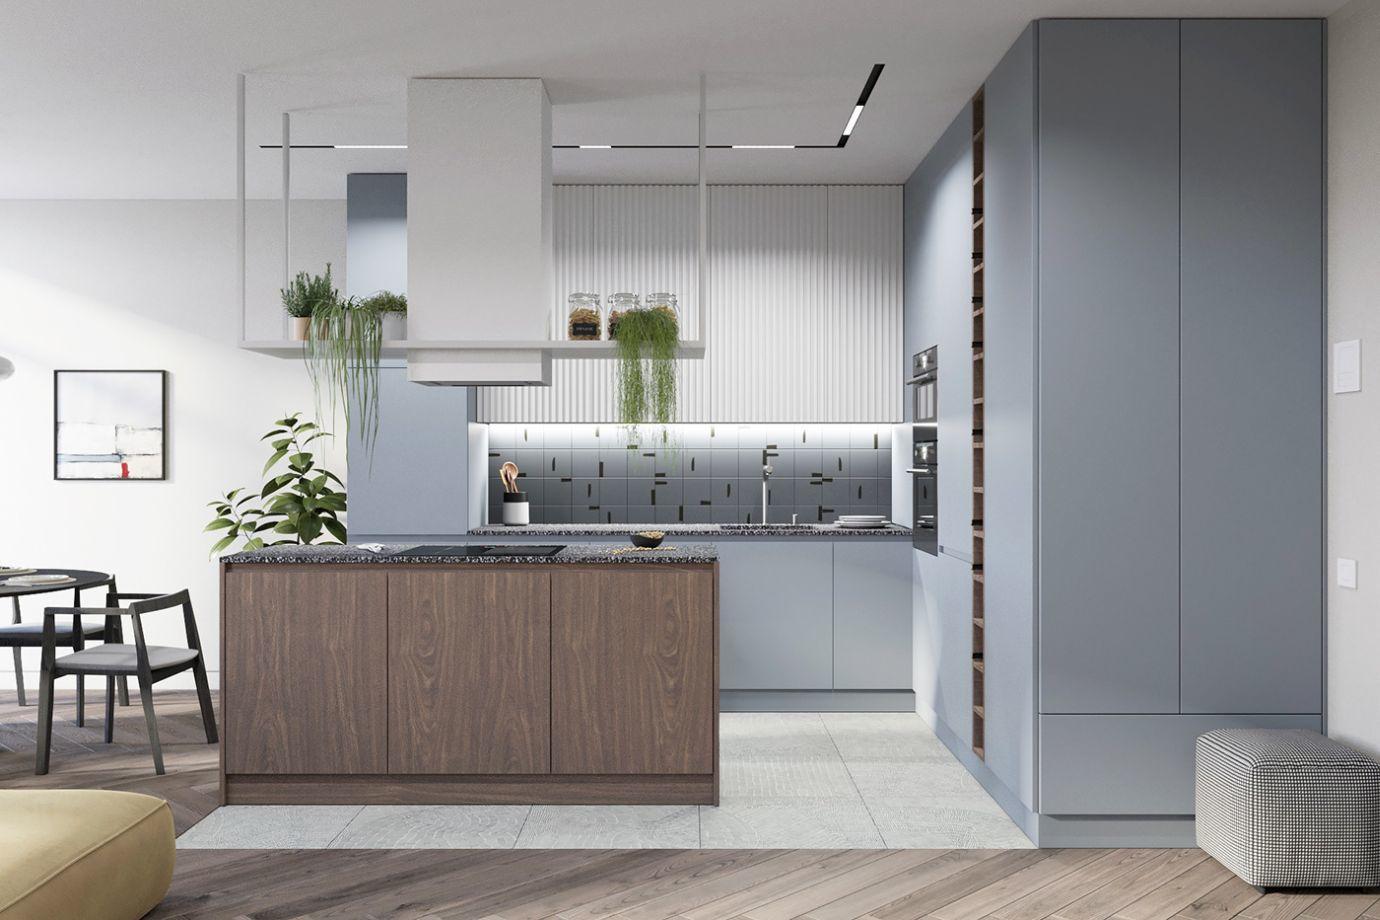 Kacsatojás kék konyhabútor, egy szép árnyalat